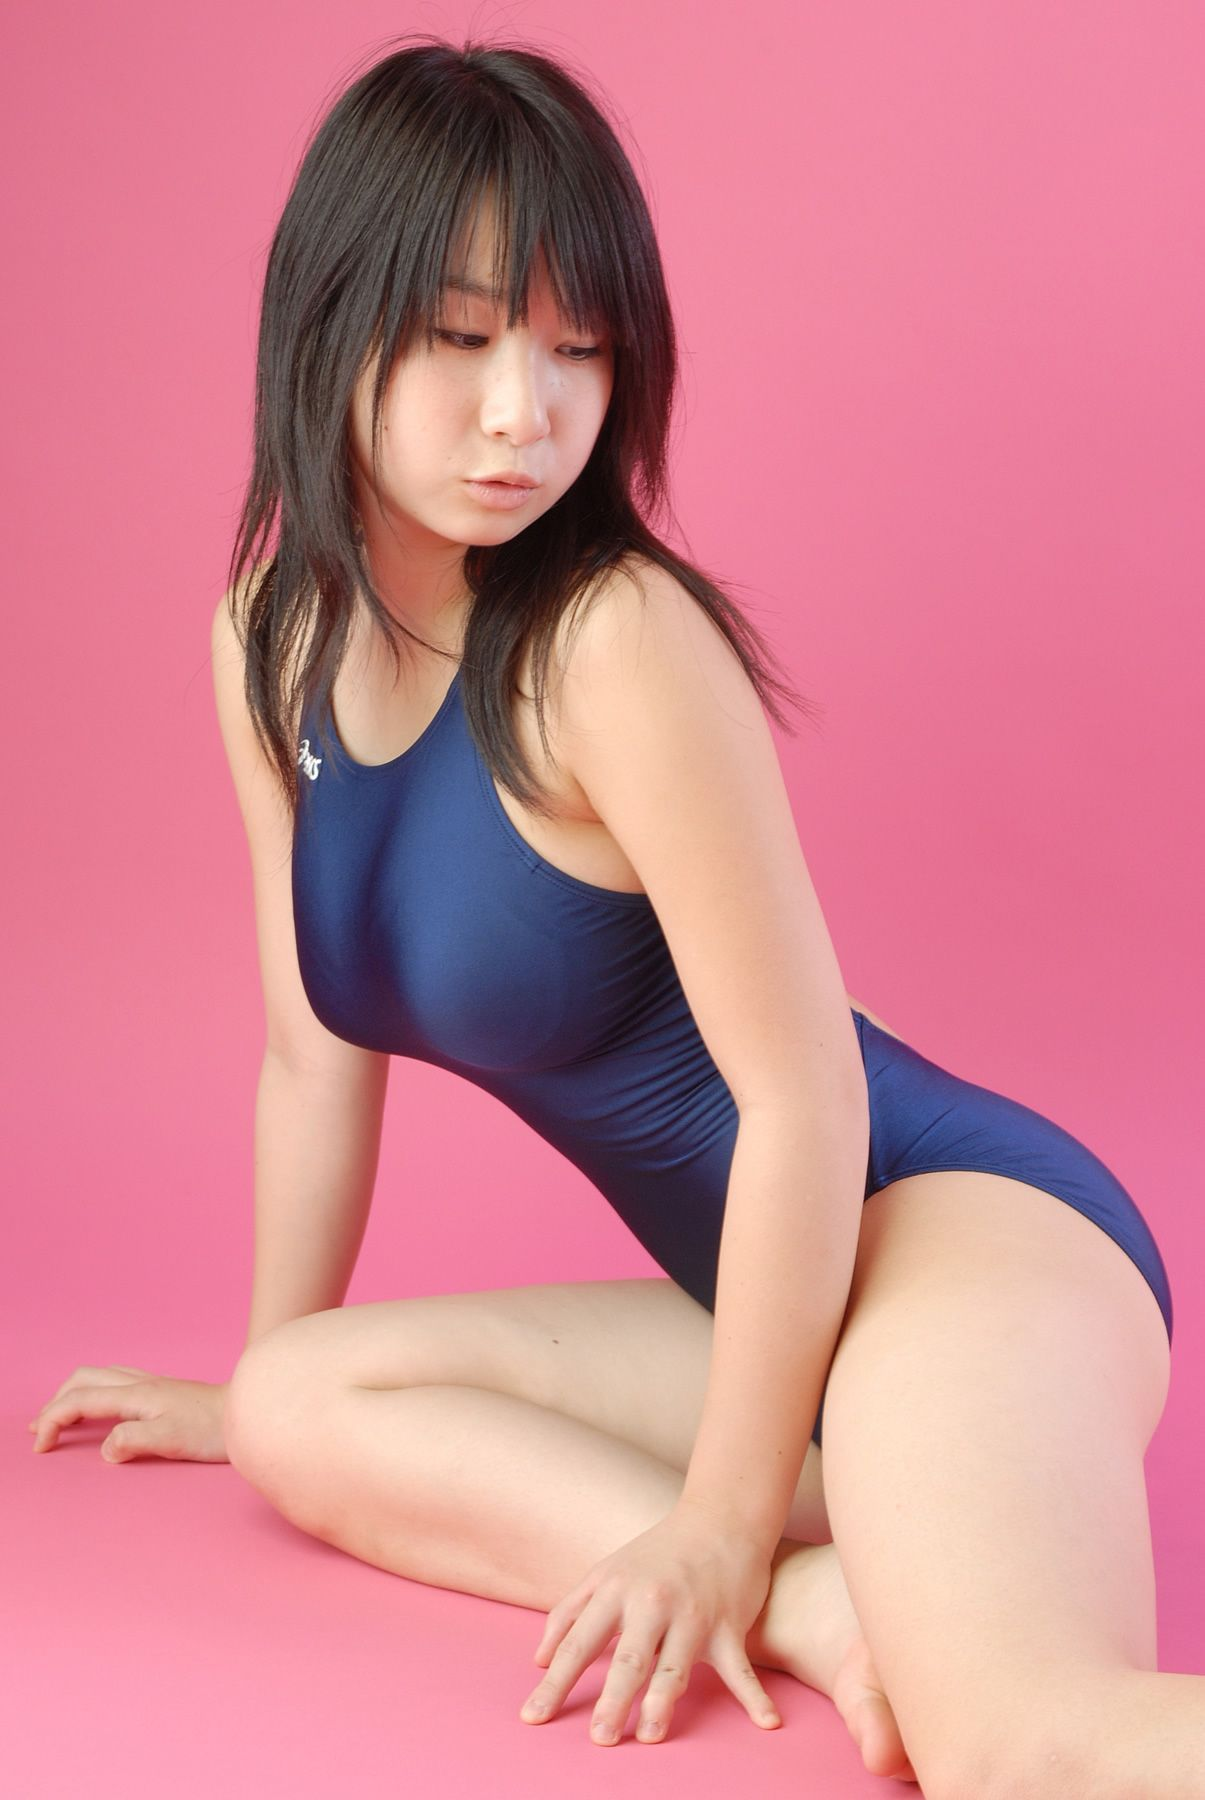 三次元 3次元 エロ画像 競泳水着 べっぴん娘通信 007